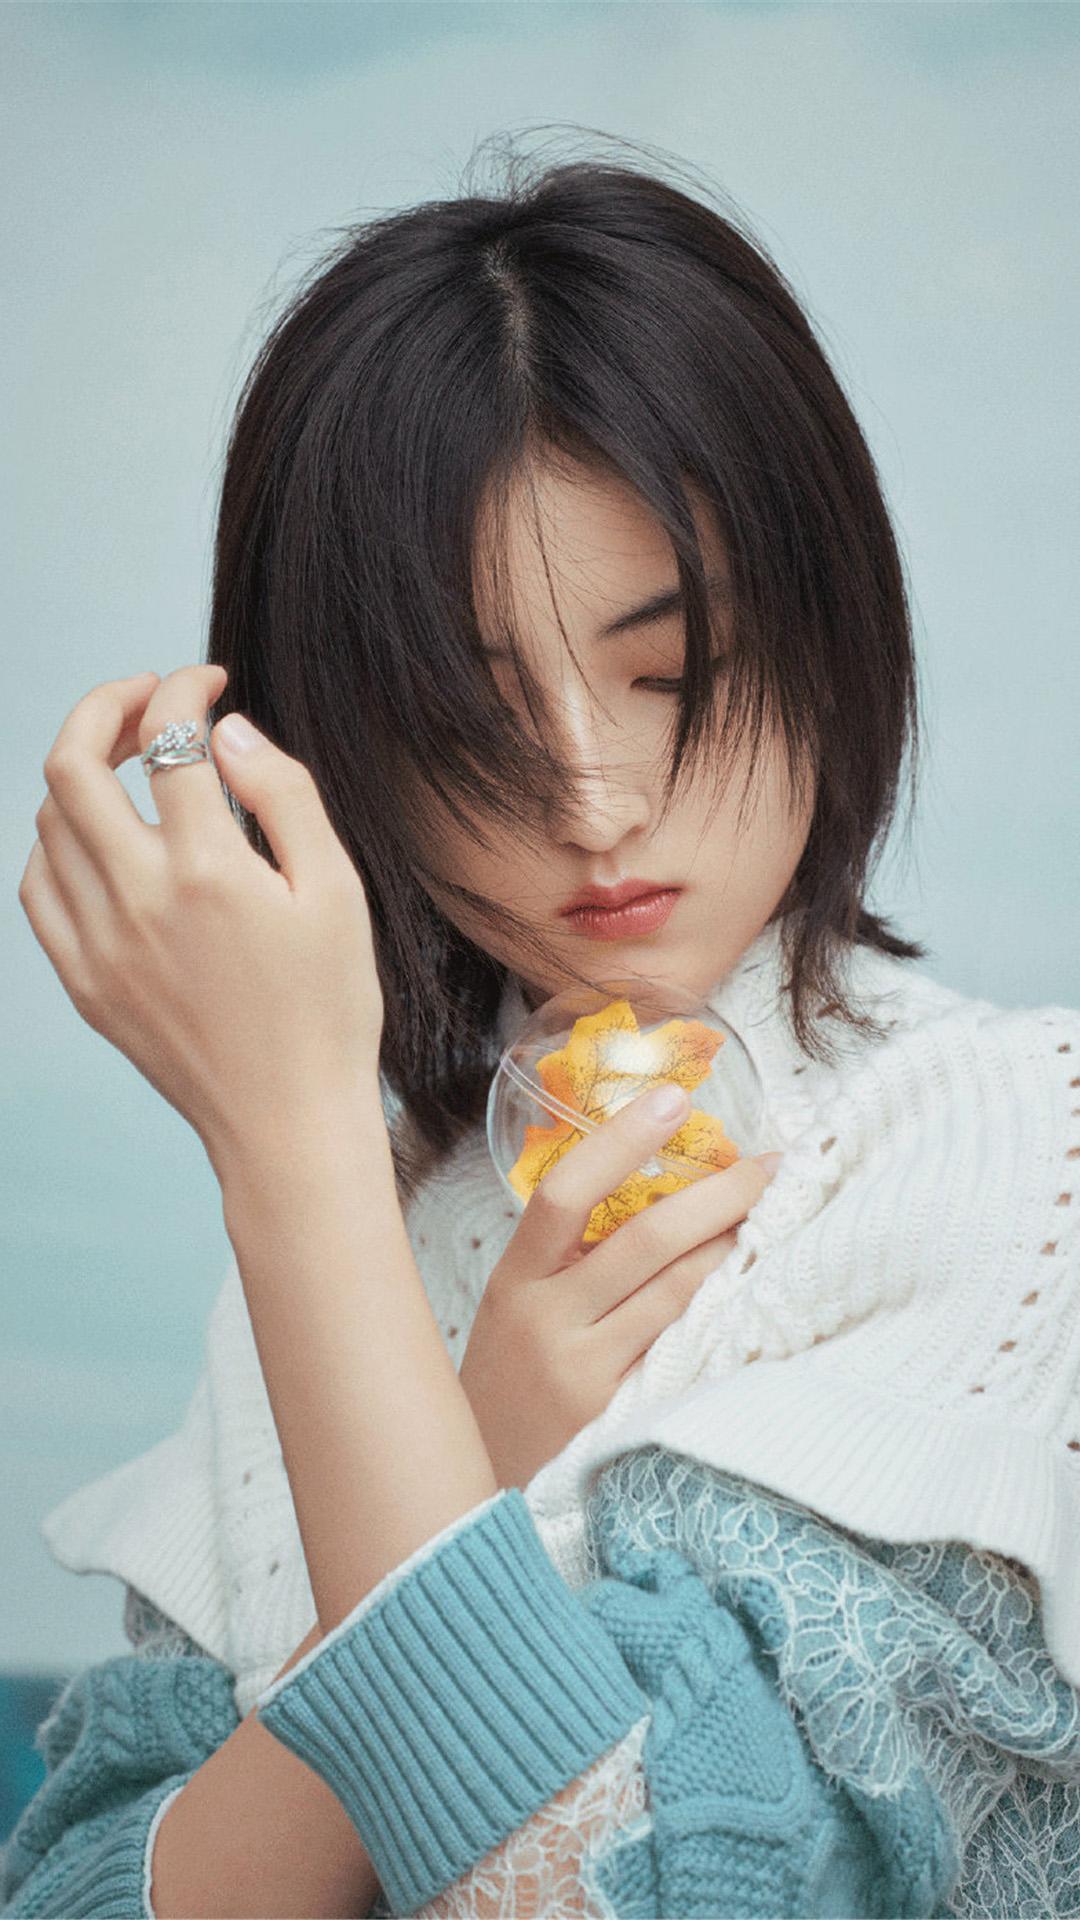 张子枫STARBOX鬼马少女感时尚电子杂志写真大片